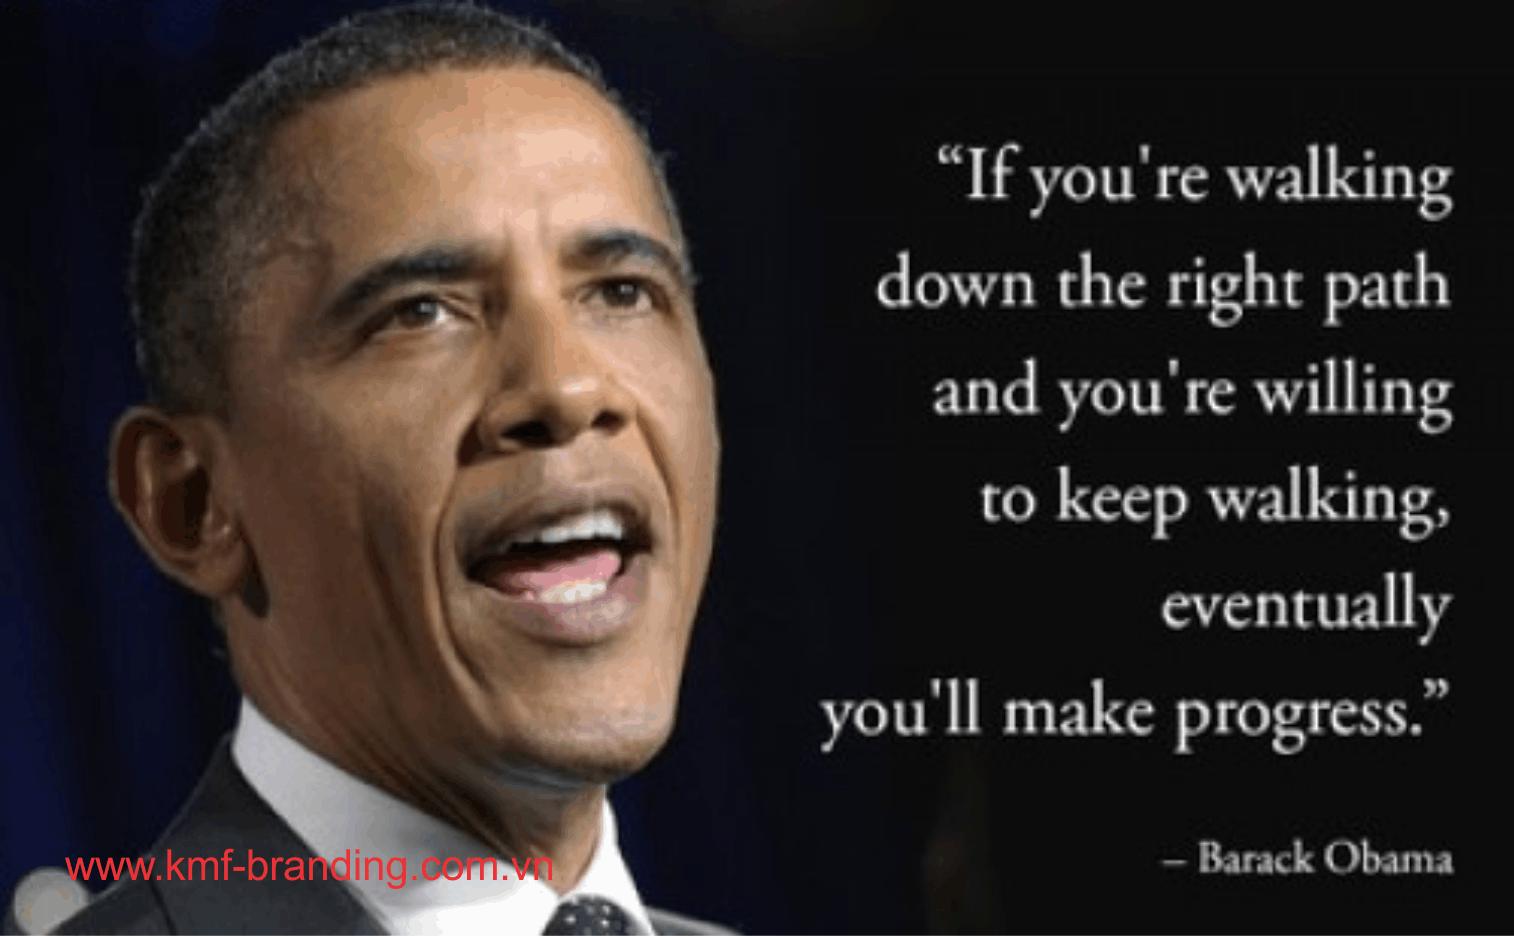 Presidents Quotes Nếu Bạn Đi Đúng Con Đường Và Luôn Luôn Sẵn Sàng Bước Tiếp Sớm